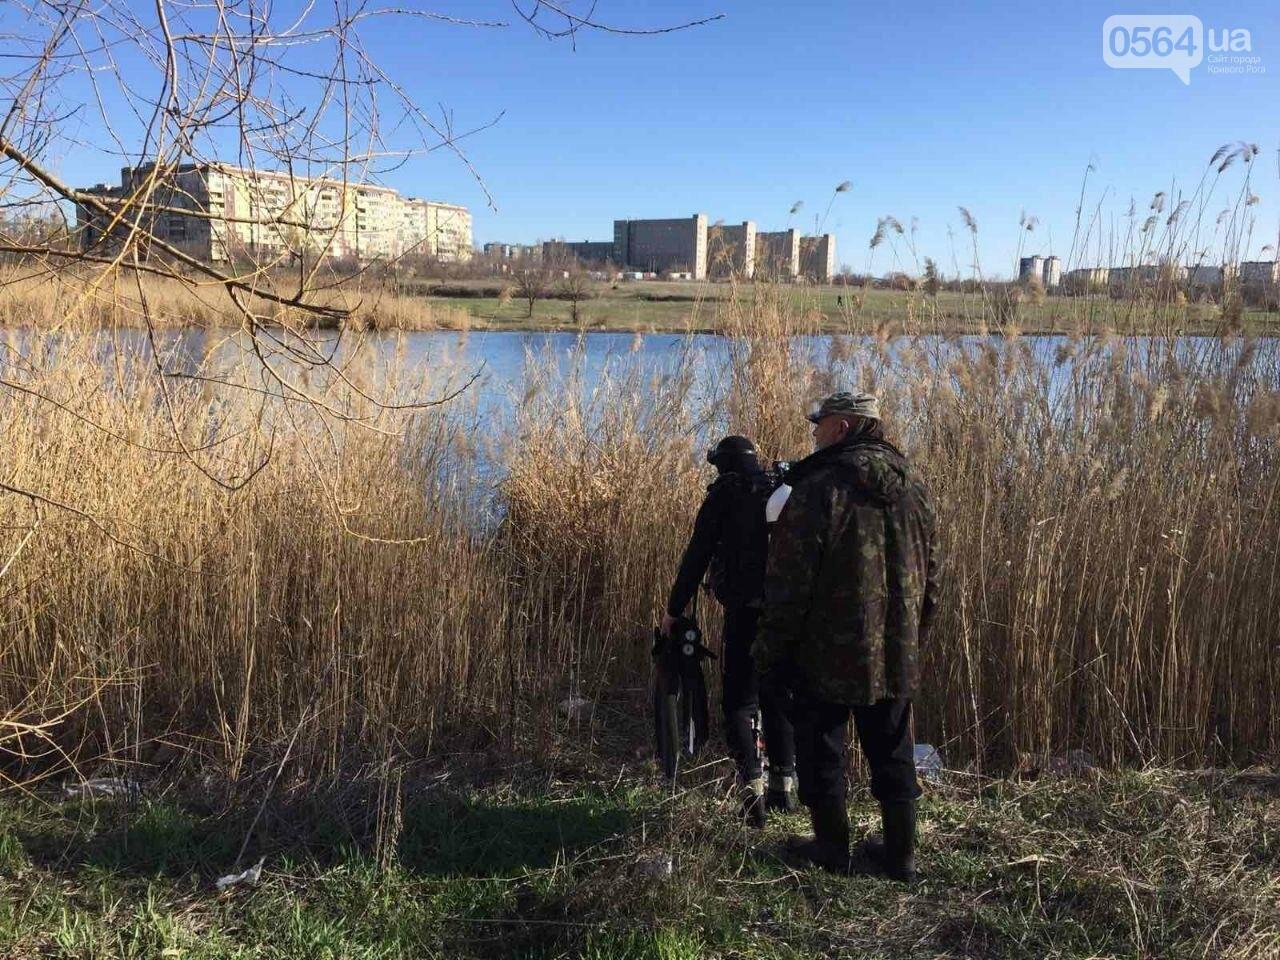 Двое родственников в Кривом Роге на спор переплывали водоем: один переплыл, второй утонул, - ФОТО, фото-3